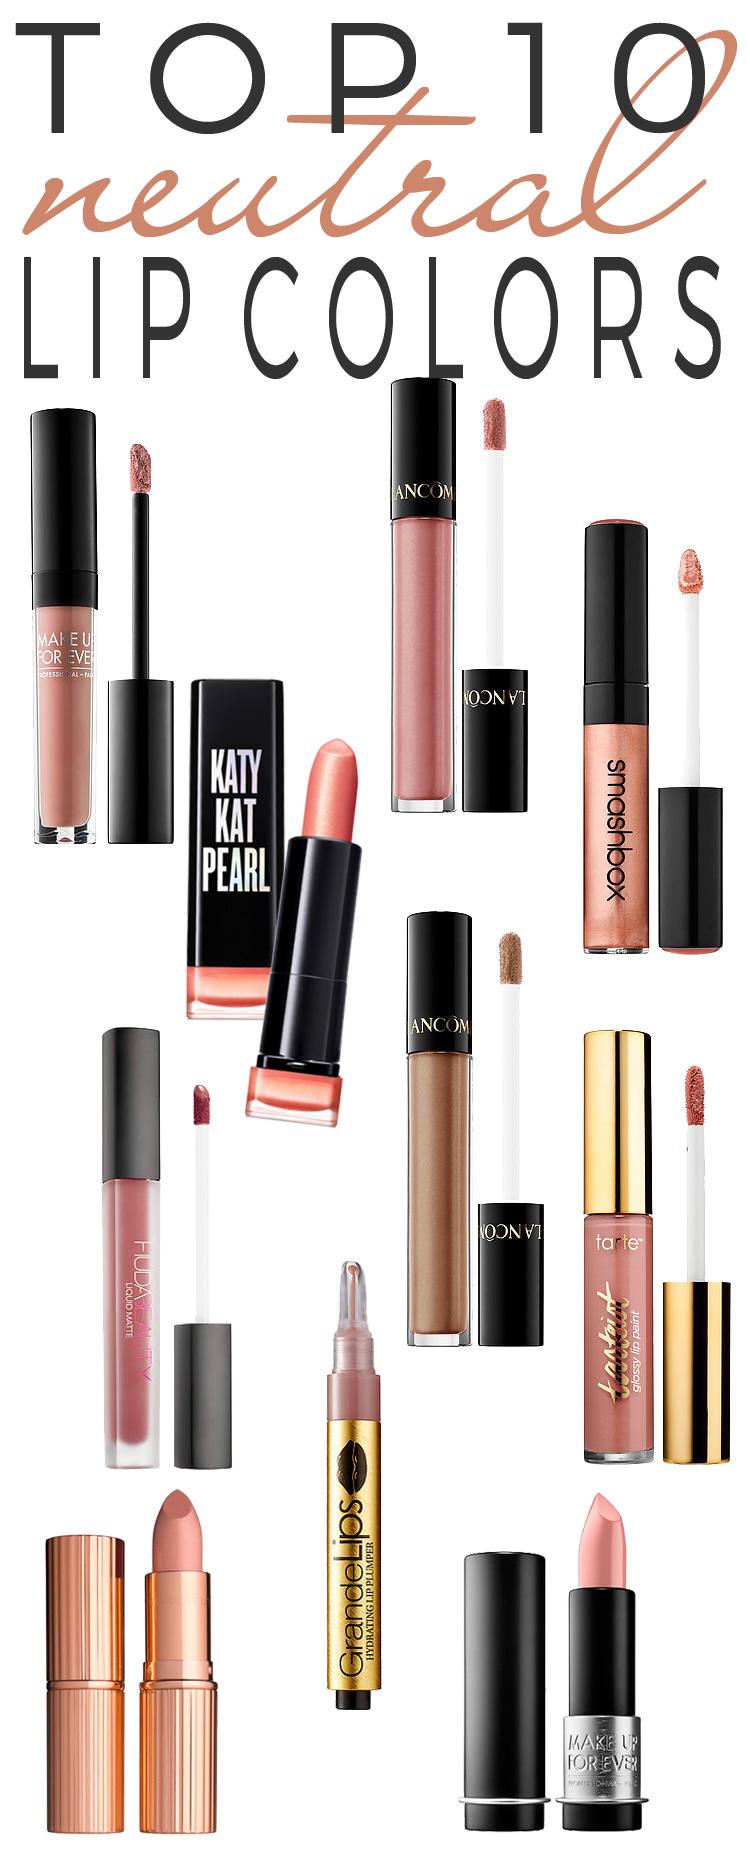 Top 10 Neutral Lip Colors